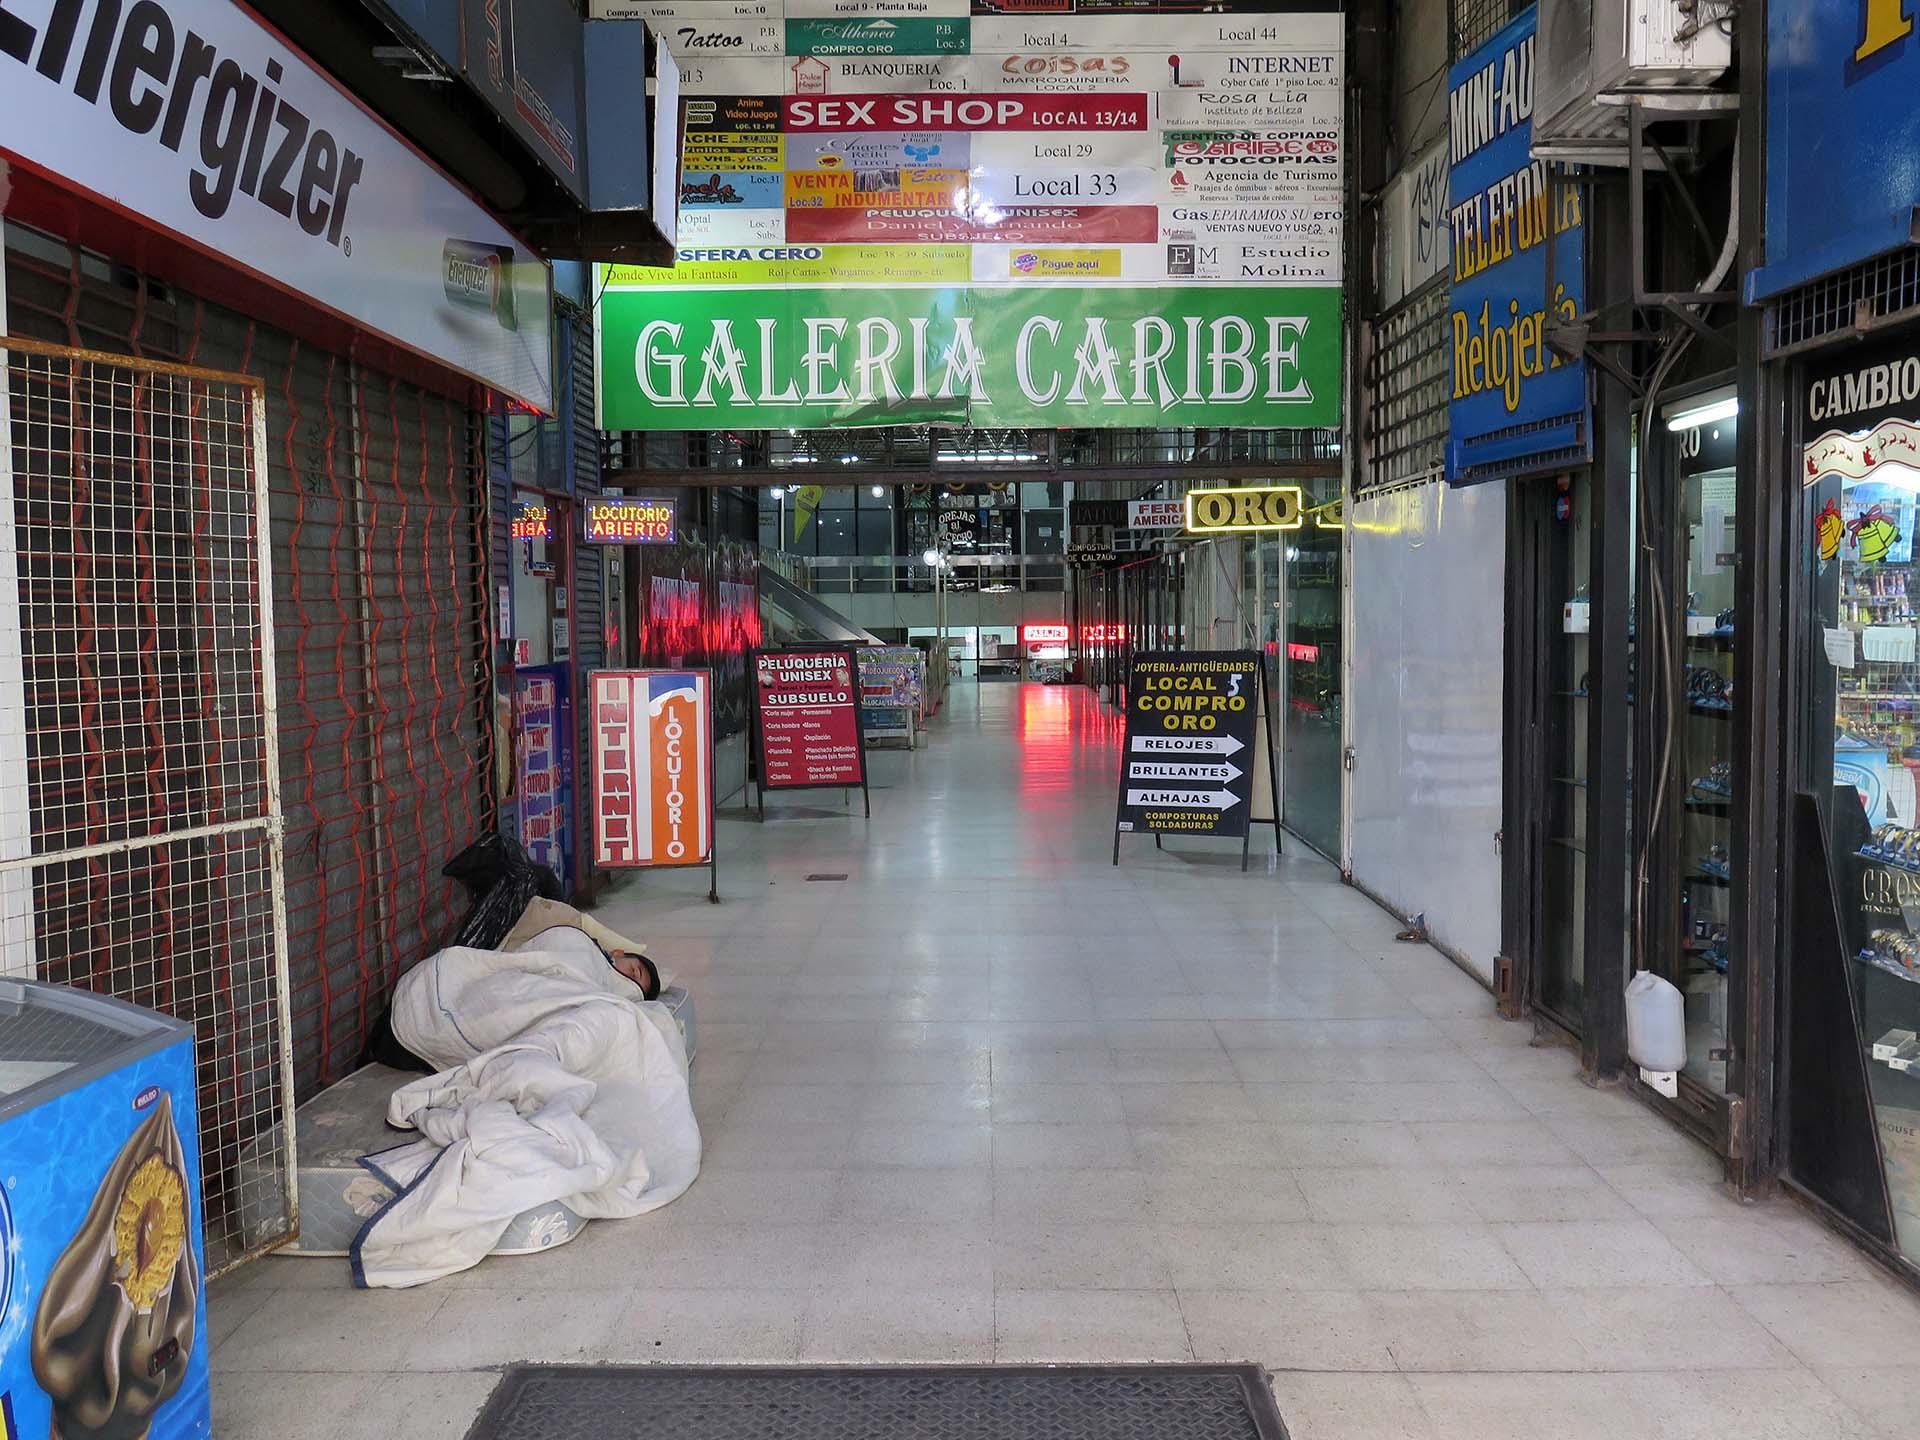 Misceláneas de una vieja galería porteña, en la avenida Rivadavia casi llegando a Acoyte, en el corazón comercial de Caballito.